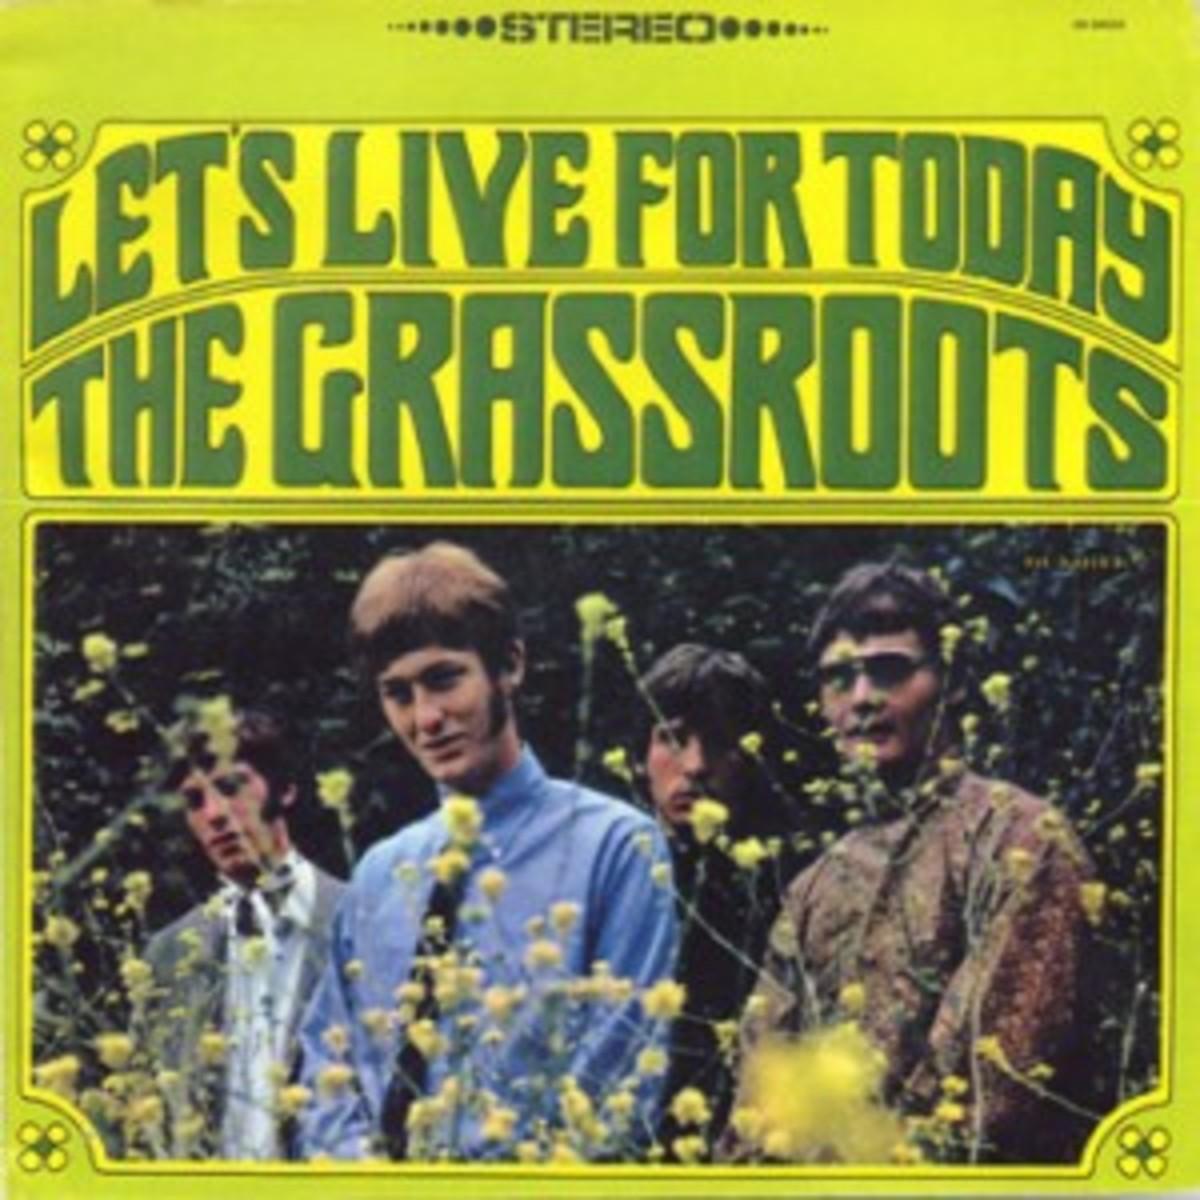 GrassRoots_LetsLiveForToday